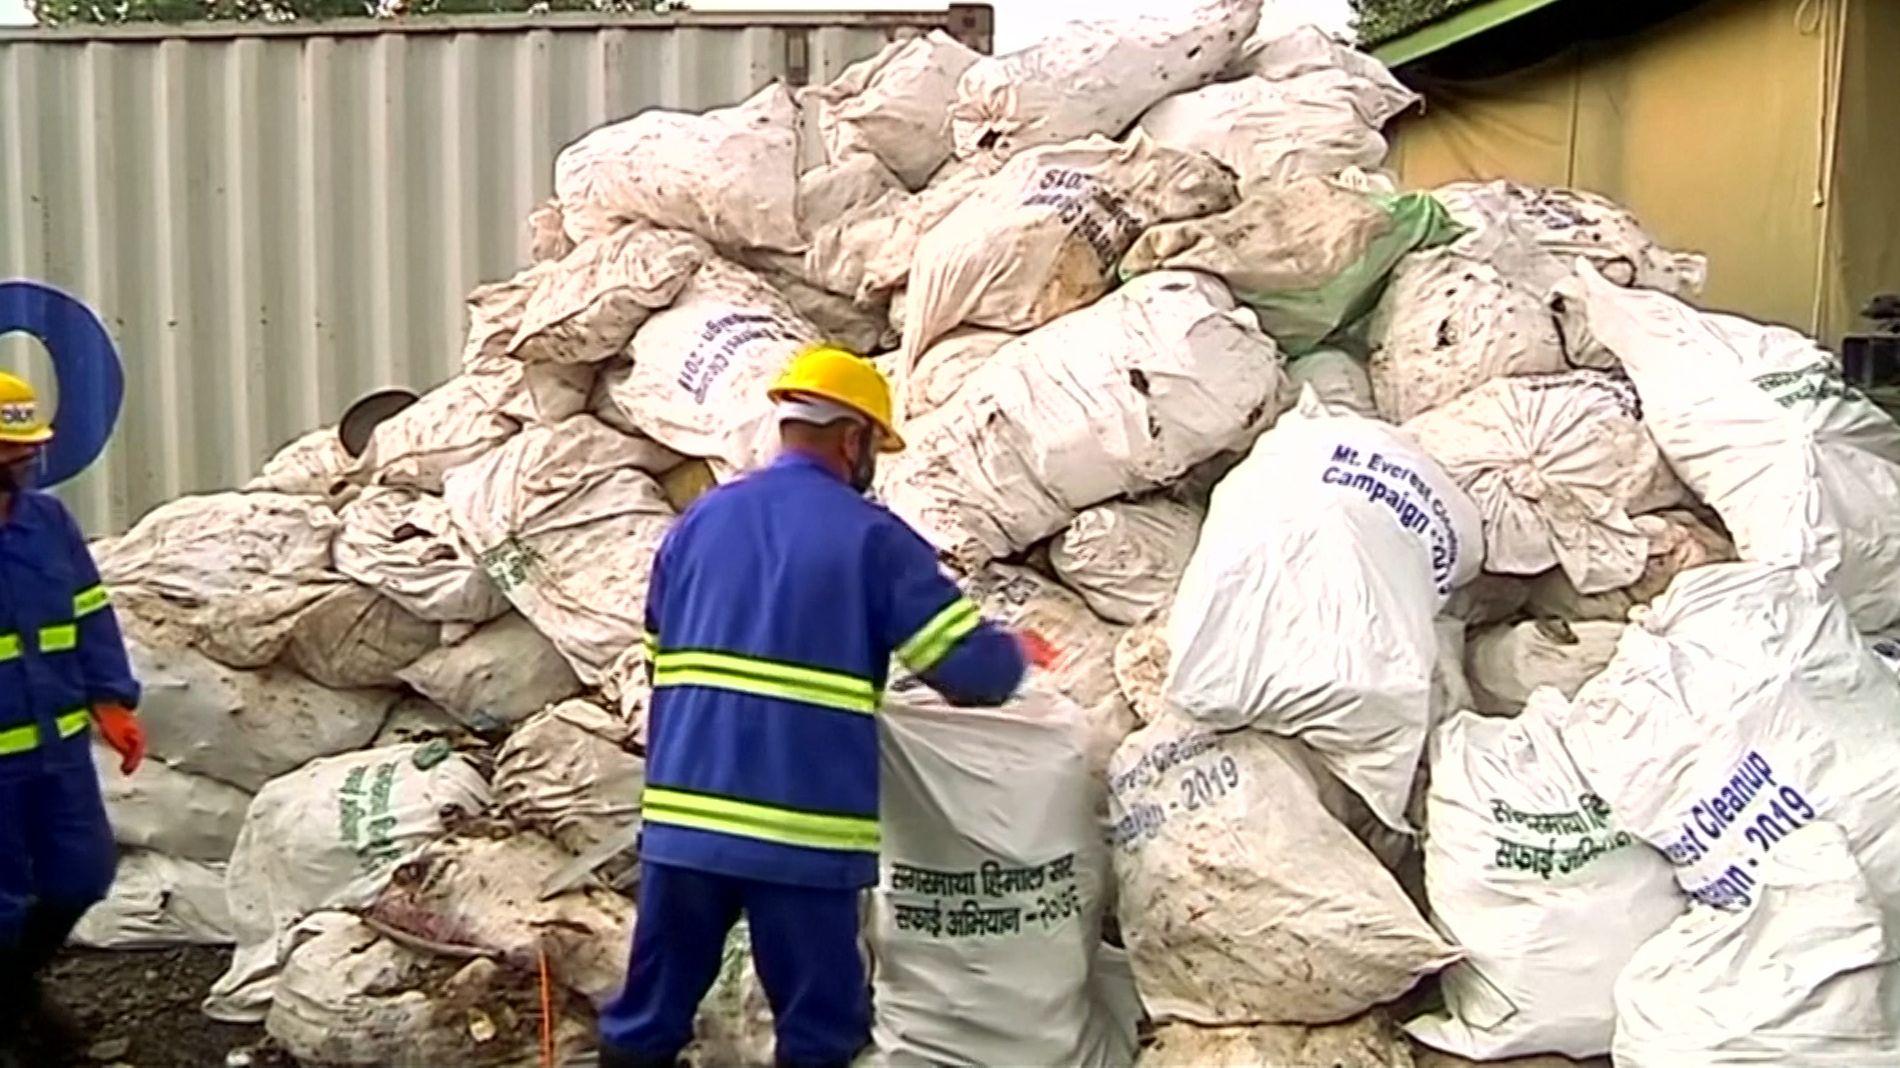 Müllaktion auf Mount Everest: 11 Tonnen Abfall und vier Leichen